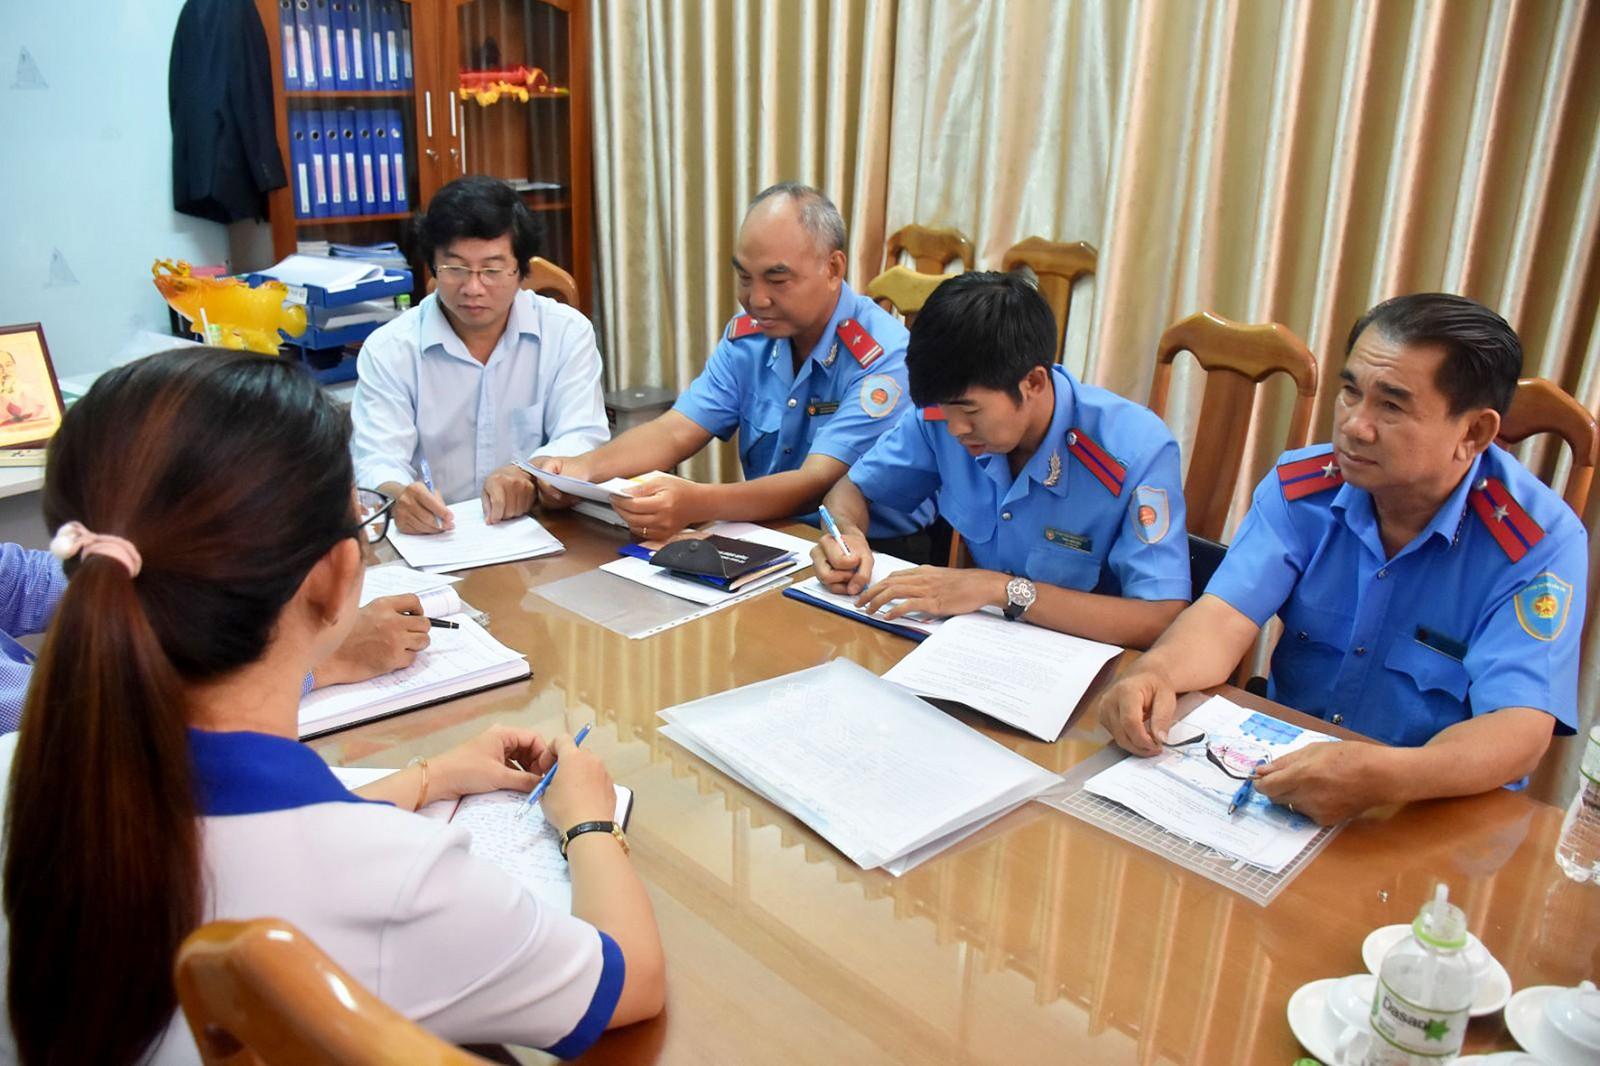 Thanh tra Sở GTVT TP Cần Thơ và Thanh tra Sở Giáo dục- Đào tạo thành phố kiểm tra hoạt động đưa rước học sinh tại Trường Phổ thông Thái Bình Dương.